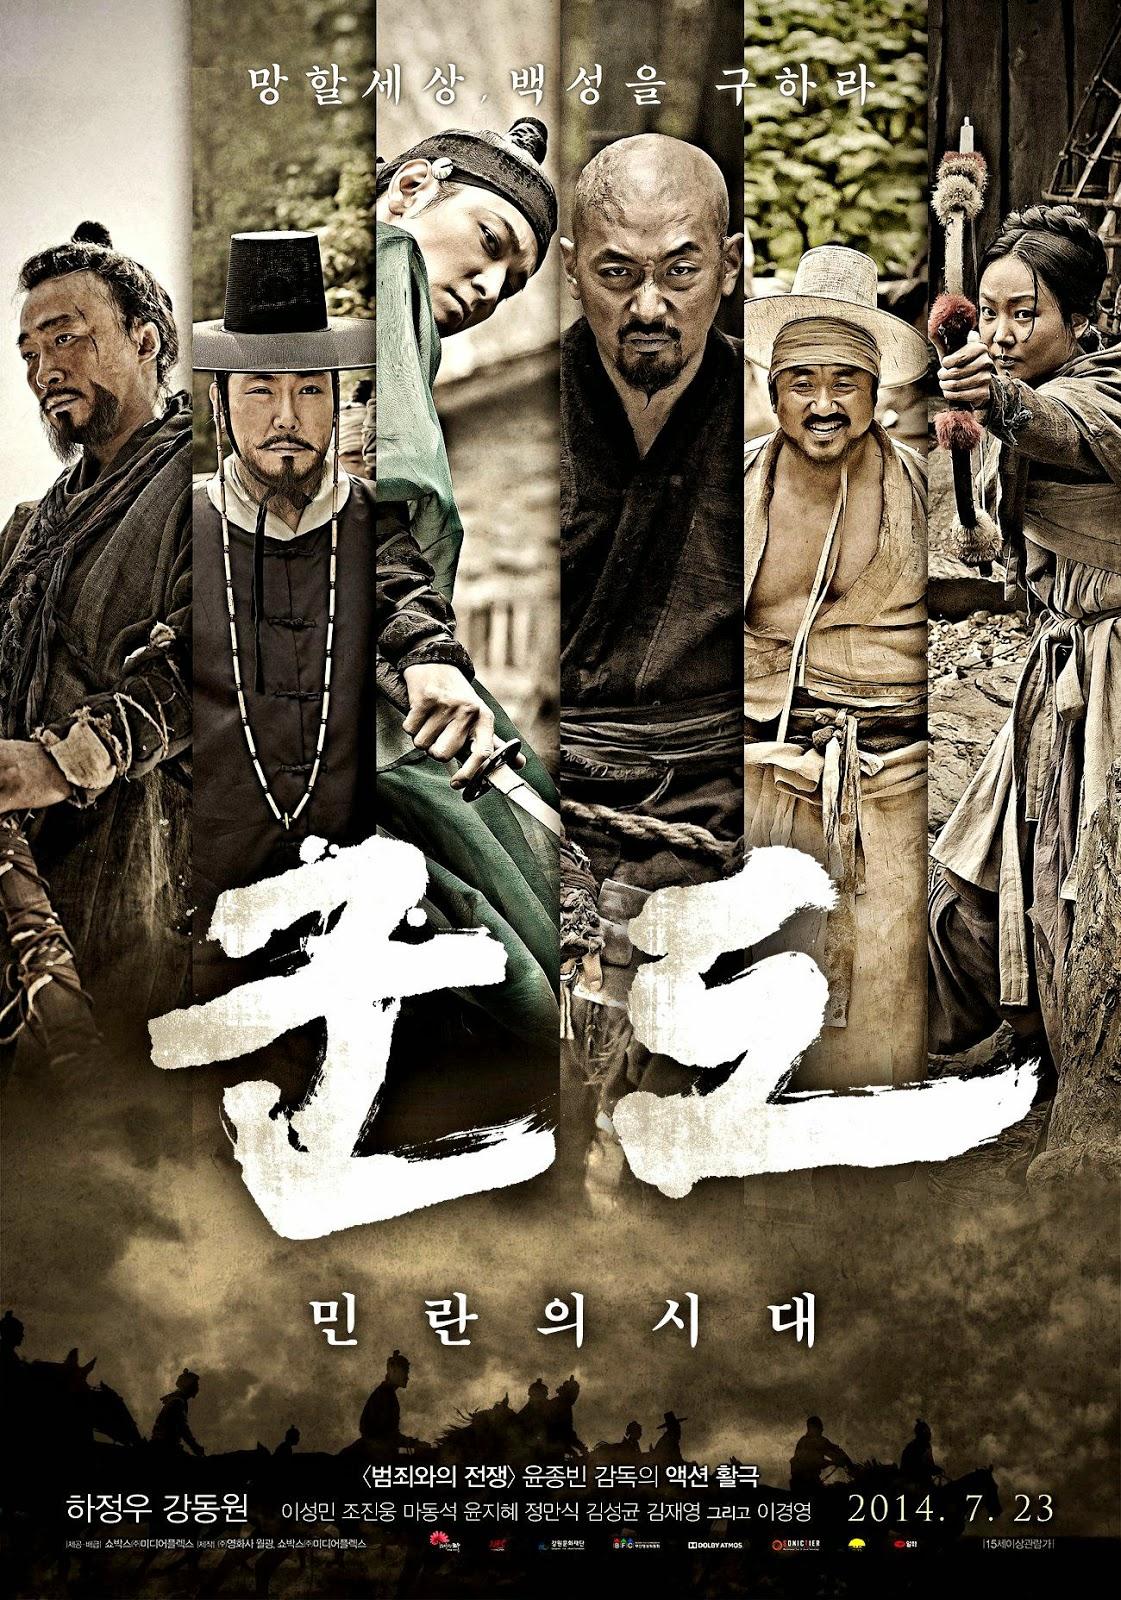 Ác Quỷ Ngàn Năm - Kundo Min Ran Eui Si Dae